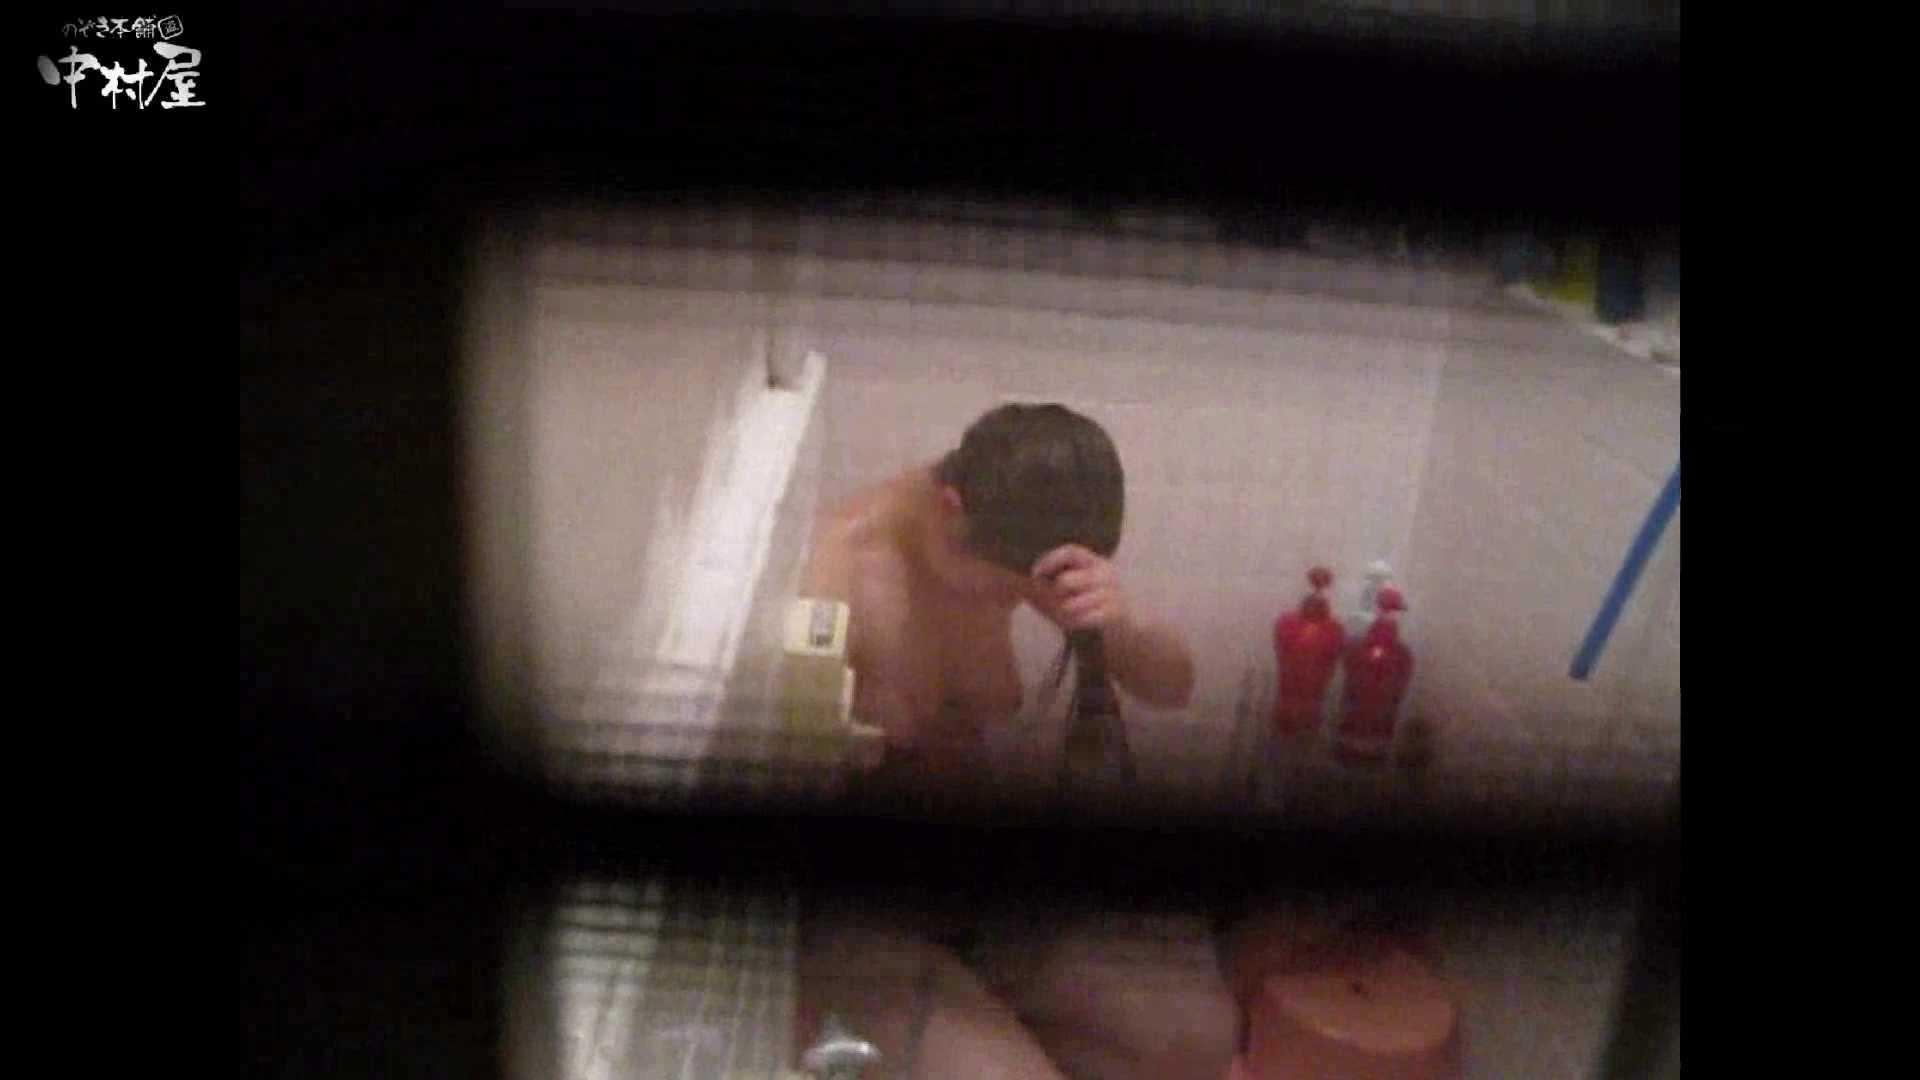 民家風呂専門盗撮師の超危険映像 vol.017 民家 盗撮動画紹介 93PICs 83